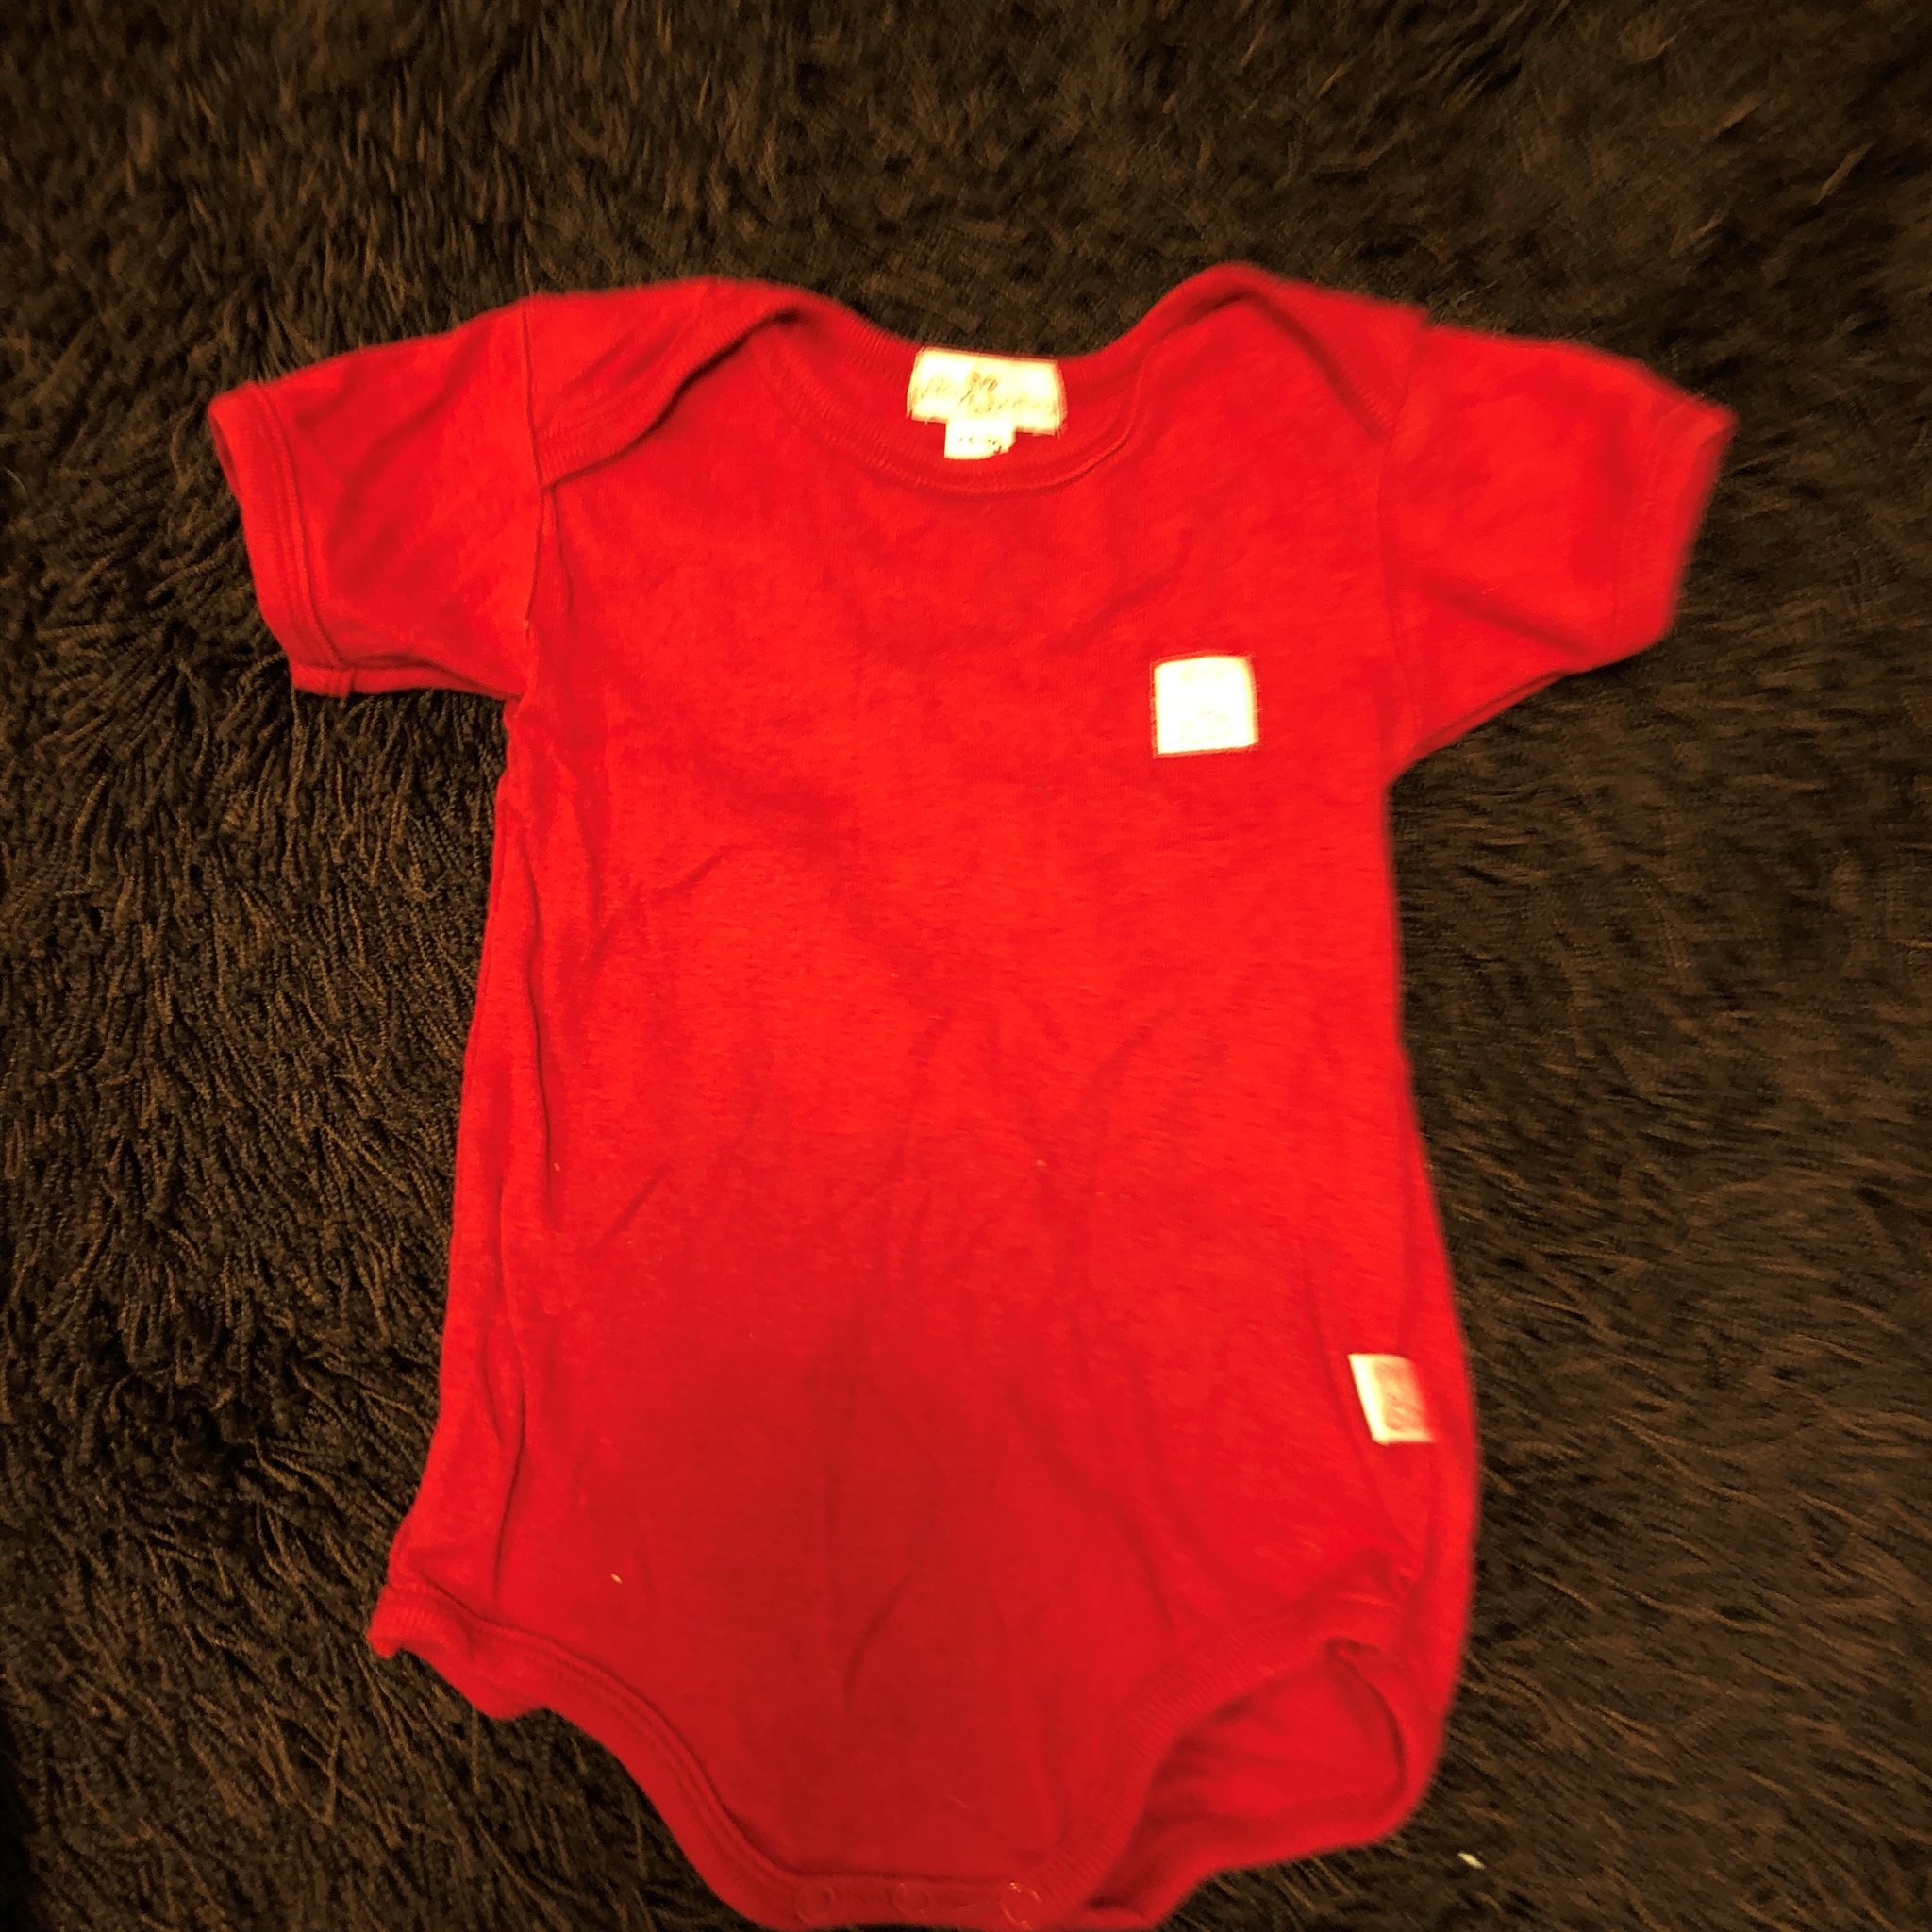 röd body baby